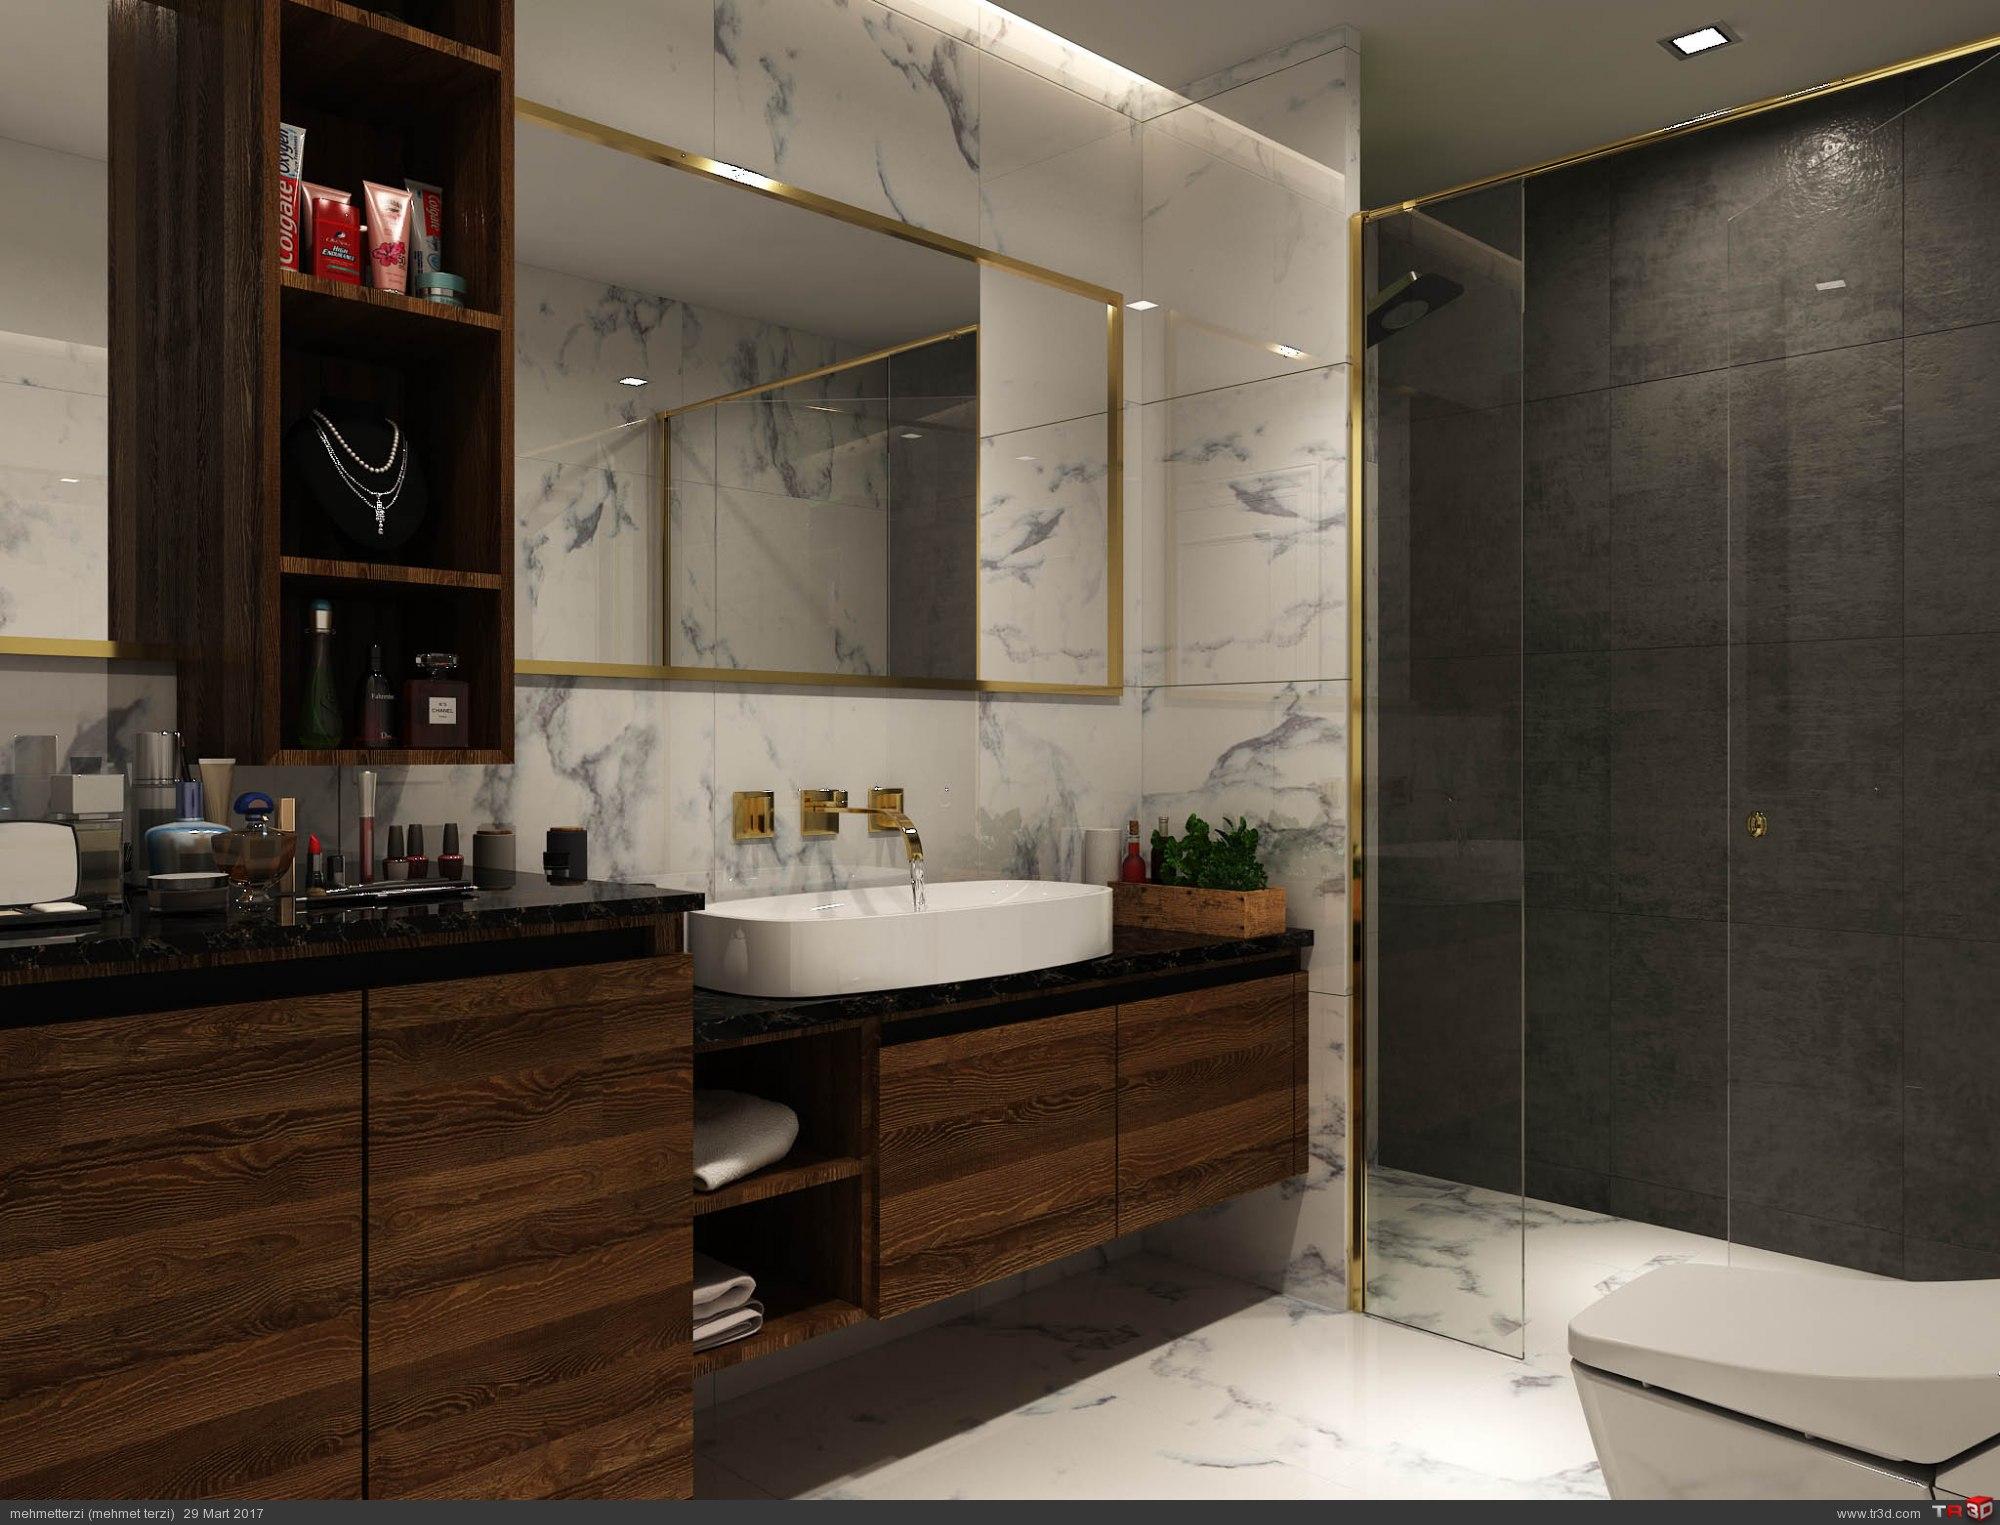 R.K. örnek daire tasarım